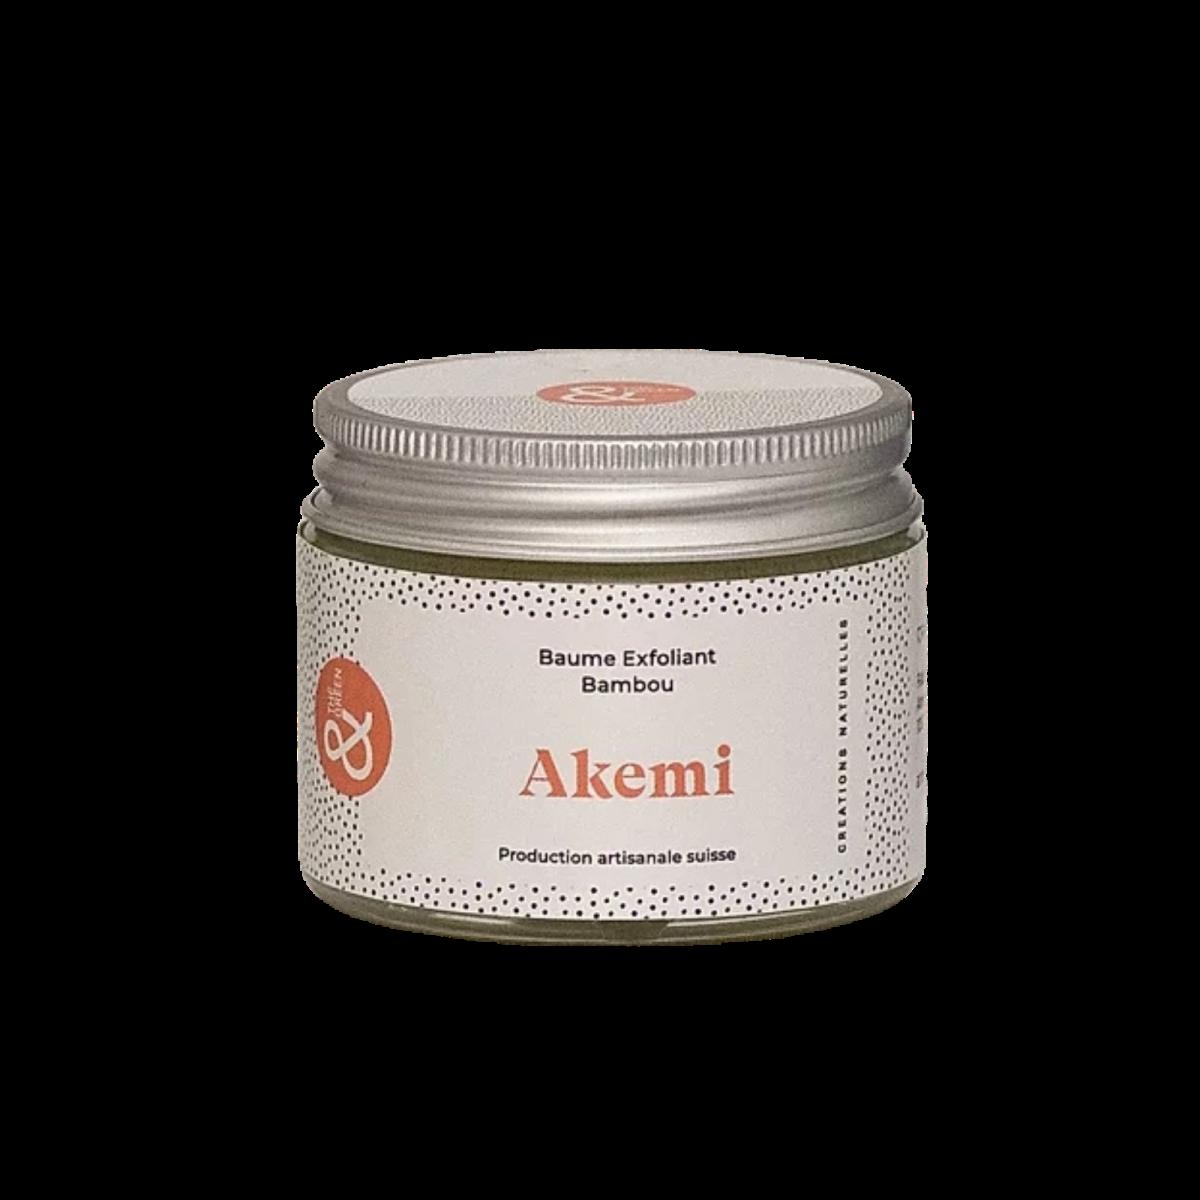 Akemi - Gommage visage - &THE GREEN - Soins du Visage - ATG012